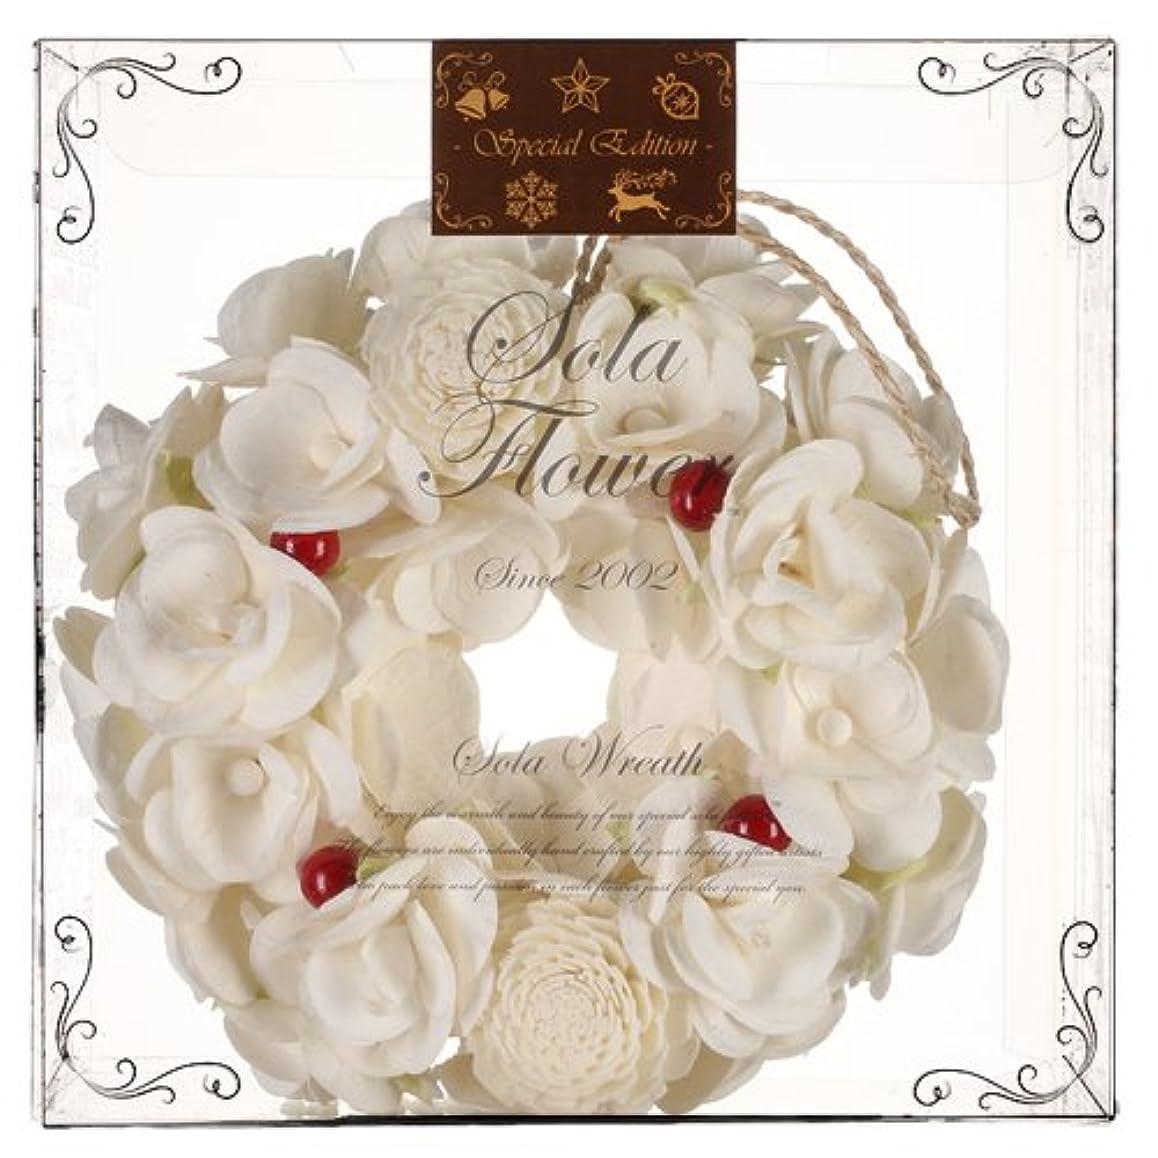 インレイリラックス含むChristmas Sola Flower Wreath【 クリスマス エディション 】ソラフラワー リース Christmas Berry クリスマスベリー Wreath